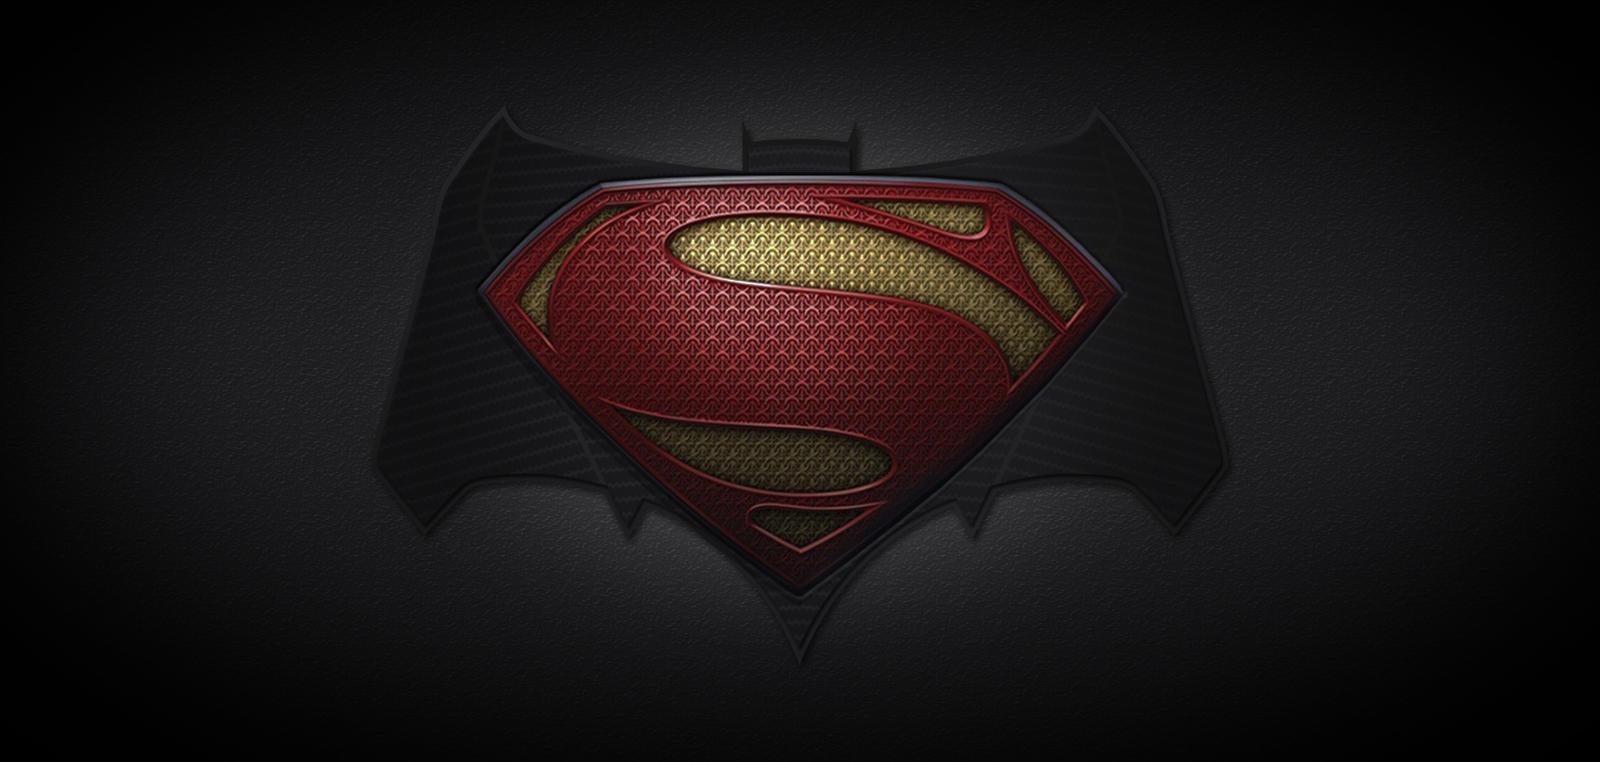 batman vs superman: Batman Vs Superman Logo Images Batman Vs Superman Movie Logo